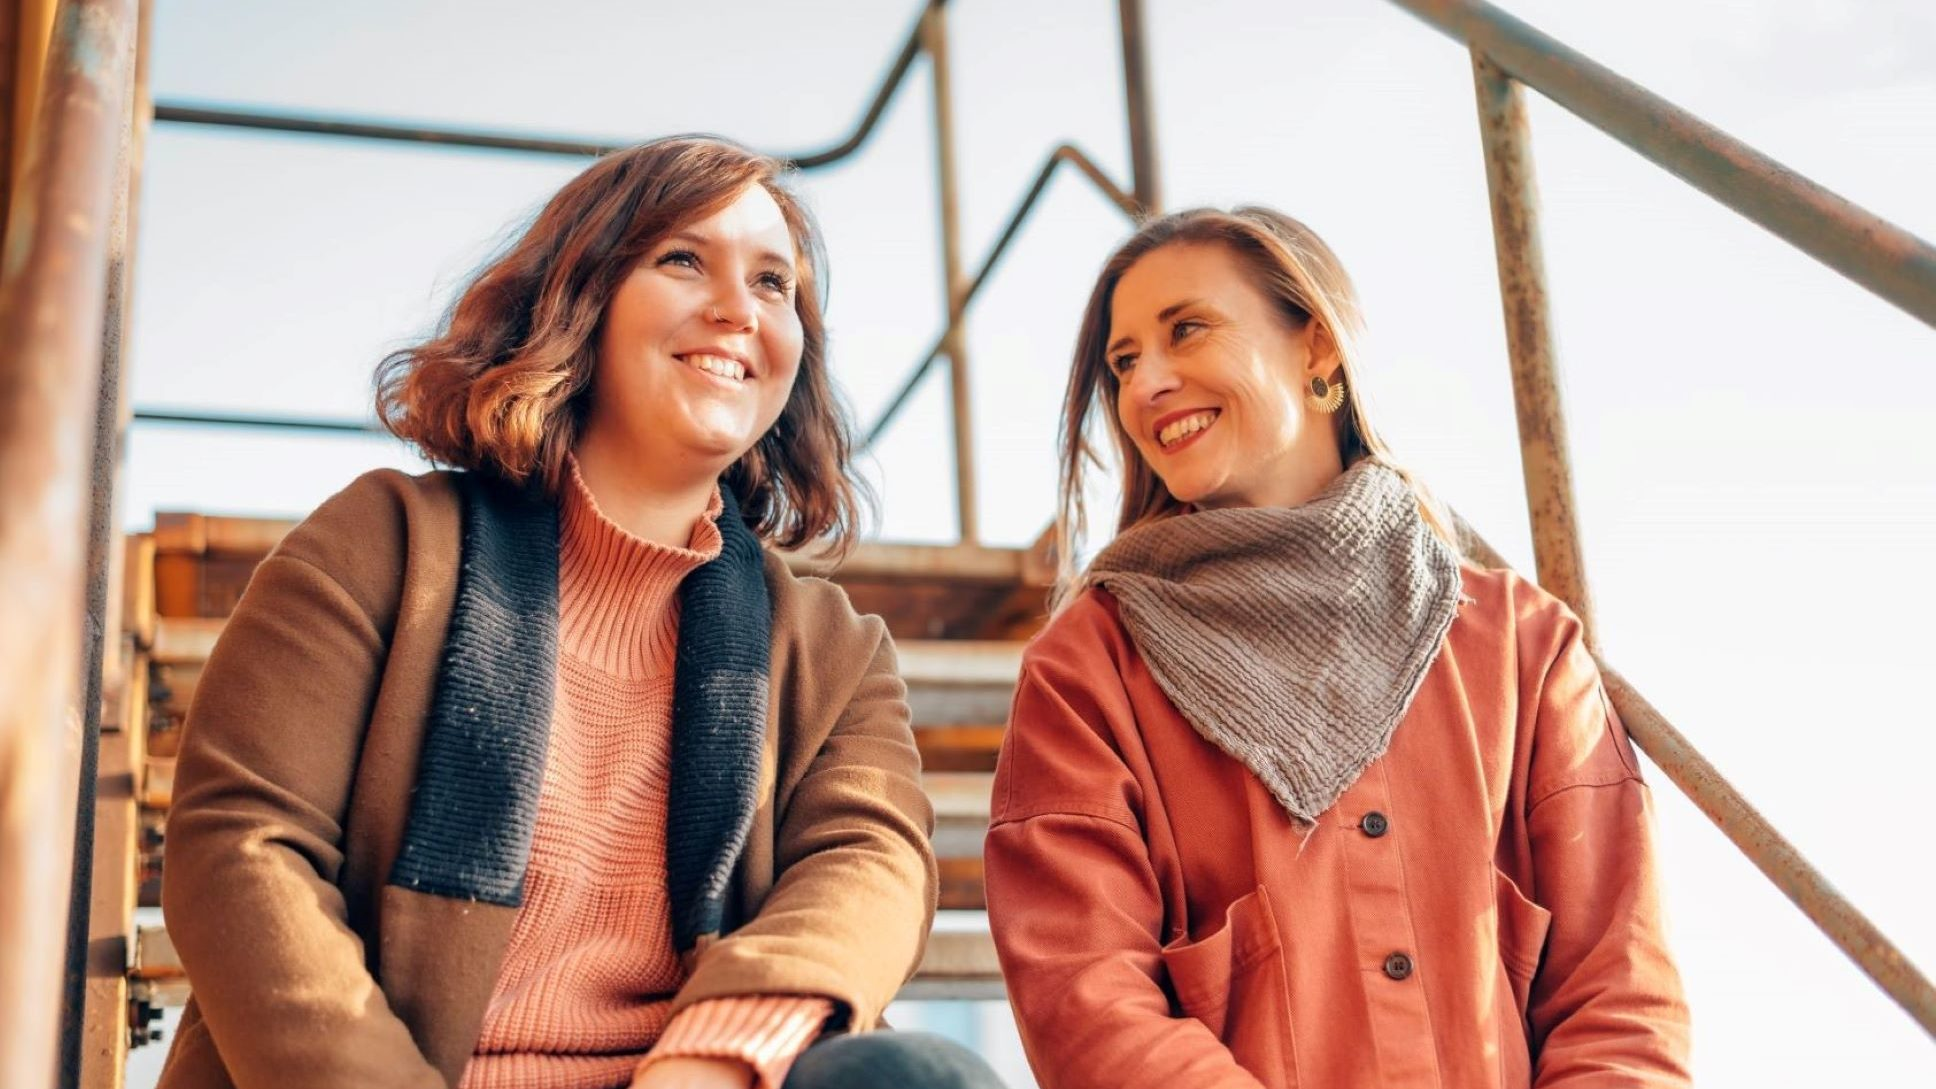 Zwei junge Frauen lächeln, die linke Frau schaut dabei schräg nach oben rechts, sie hat schulterlange, gewellte, braune Haare, trägt eine dicke braune Jacke und einen Pullover in orange, die rechte Frau lächelt die linke direkt an, sie hat lange, glatte, blonde Haare, trägt einen Mantel in orange und ein graues Tuch um den Hals